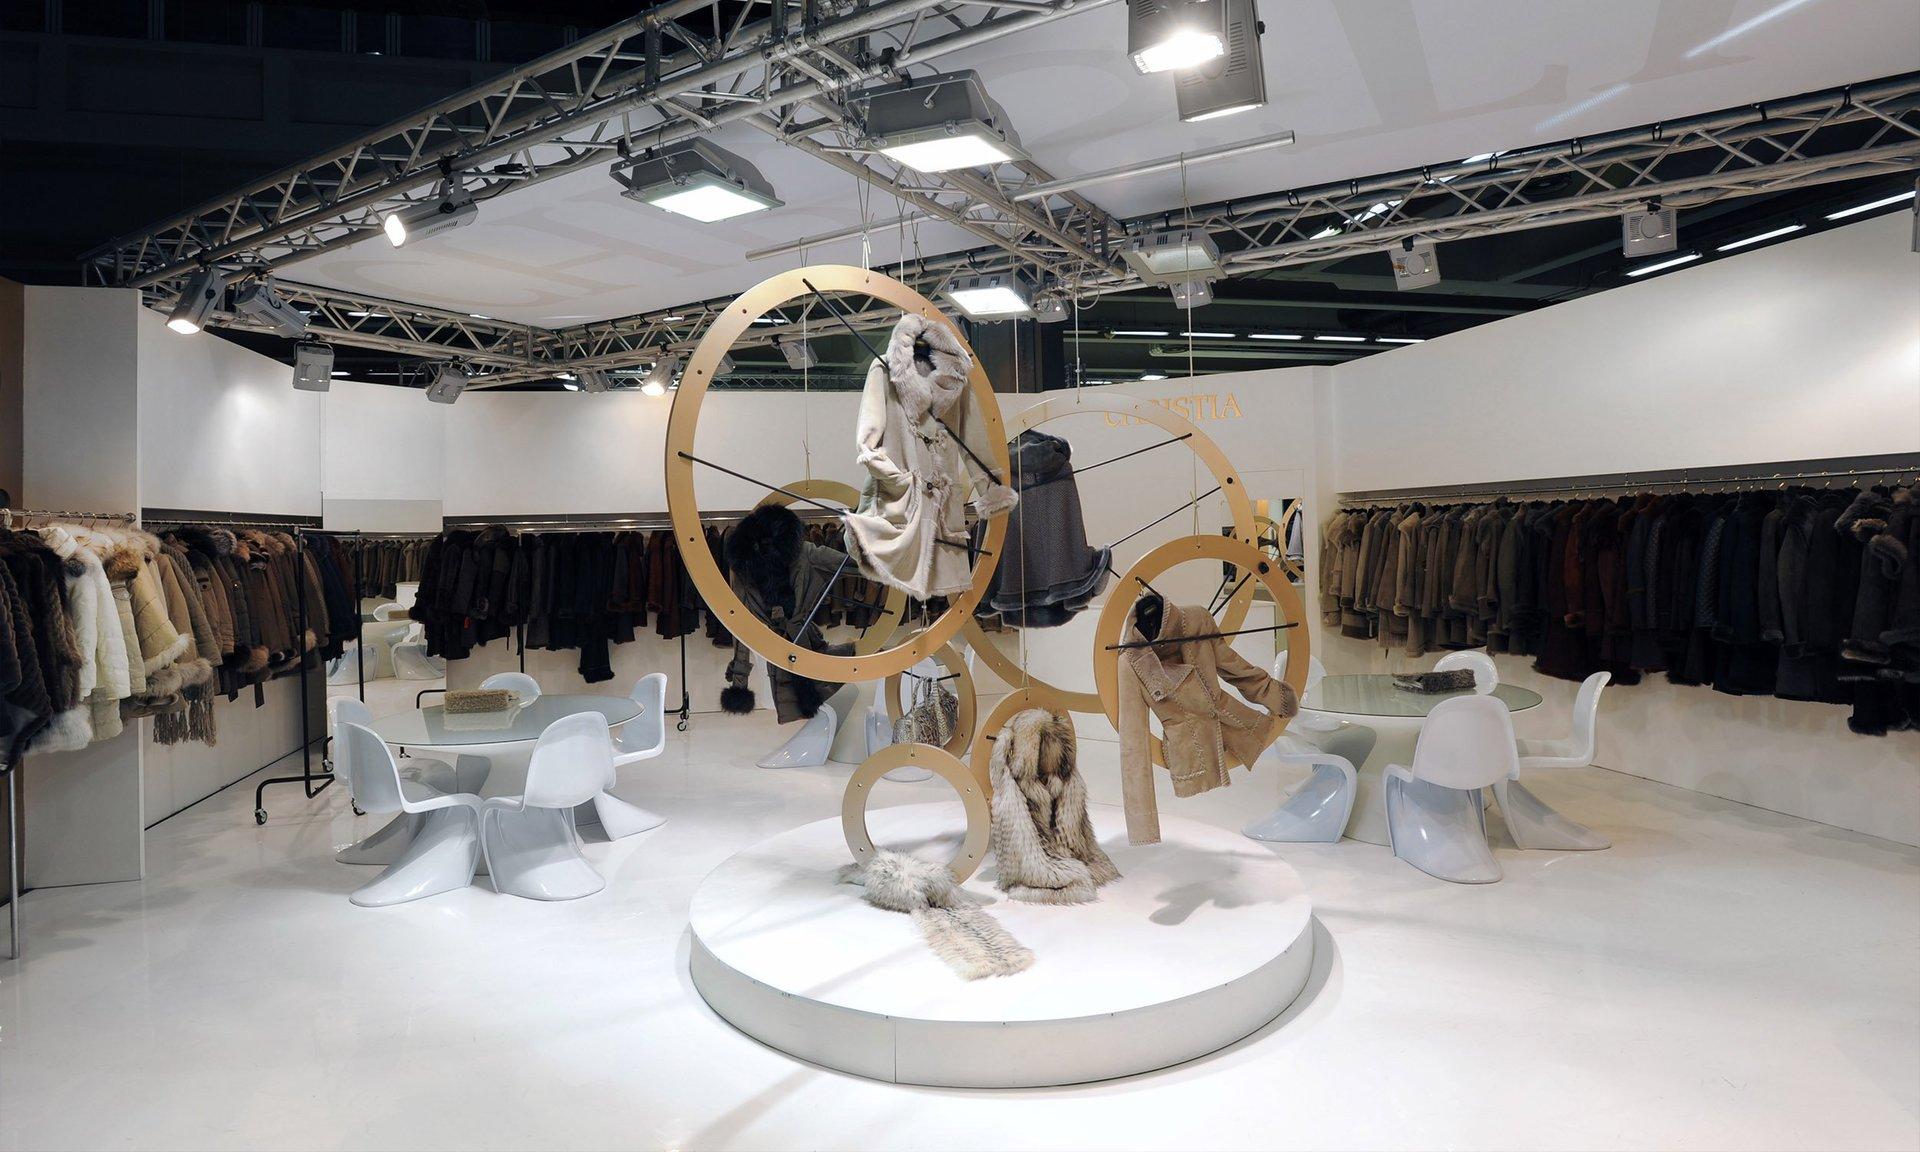 interno di uno stand di abbigliamento e  delle decorazioni con anelli dorati